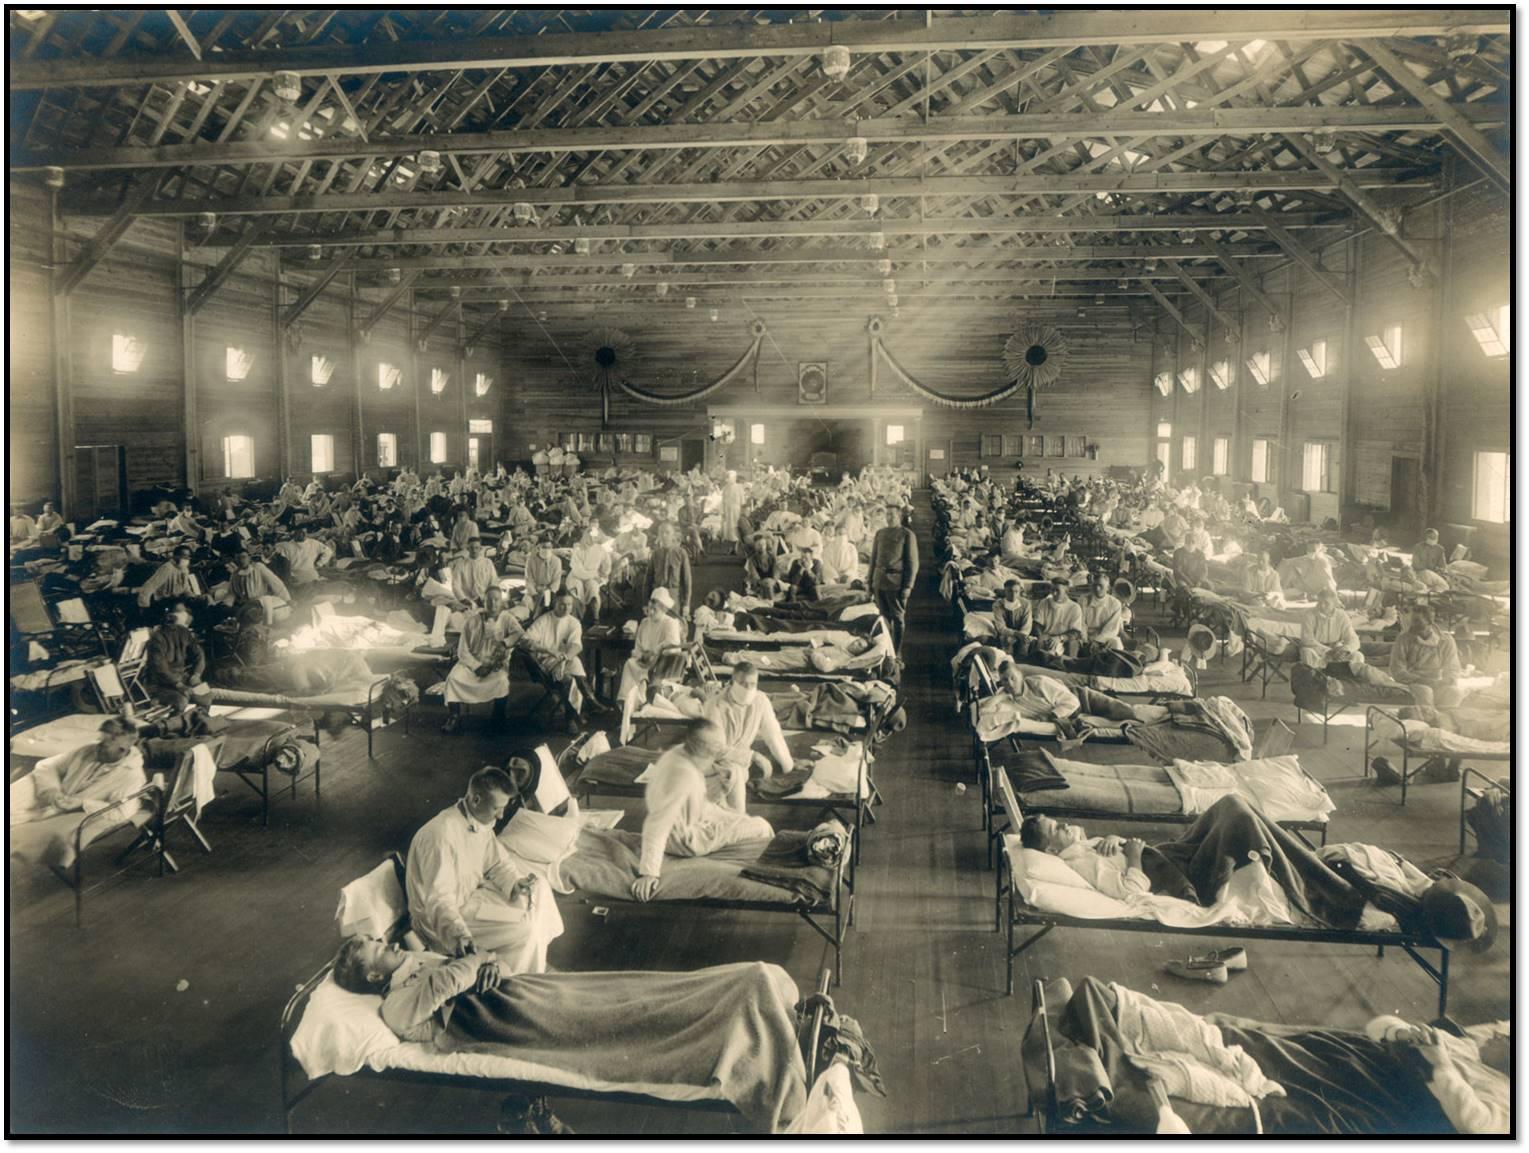 Temporary Spanis Flue hospital 1918 ii